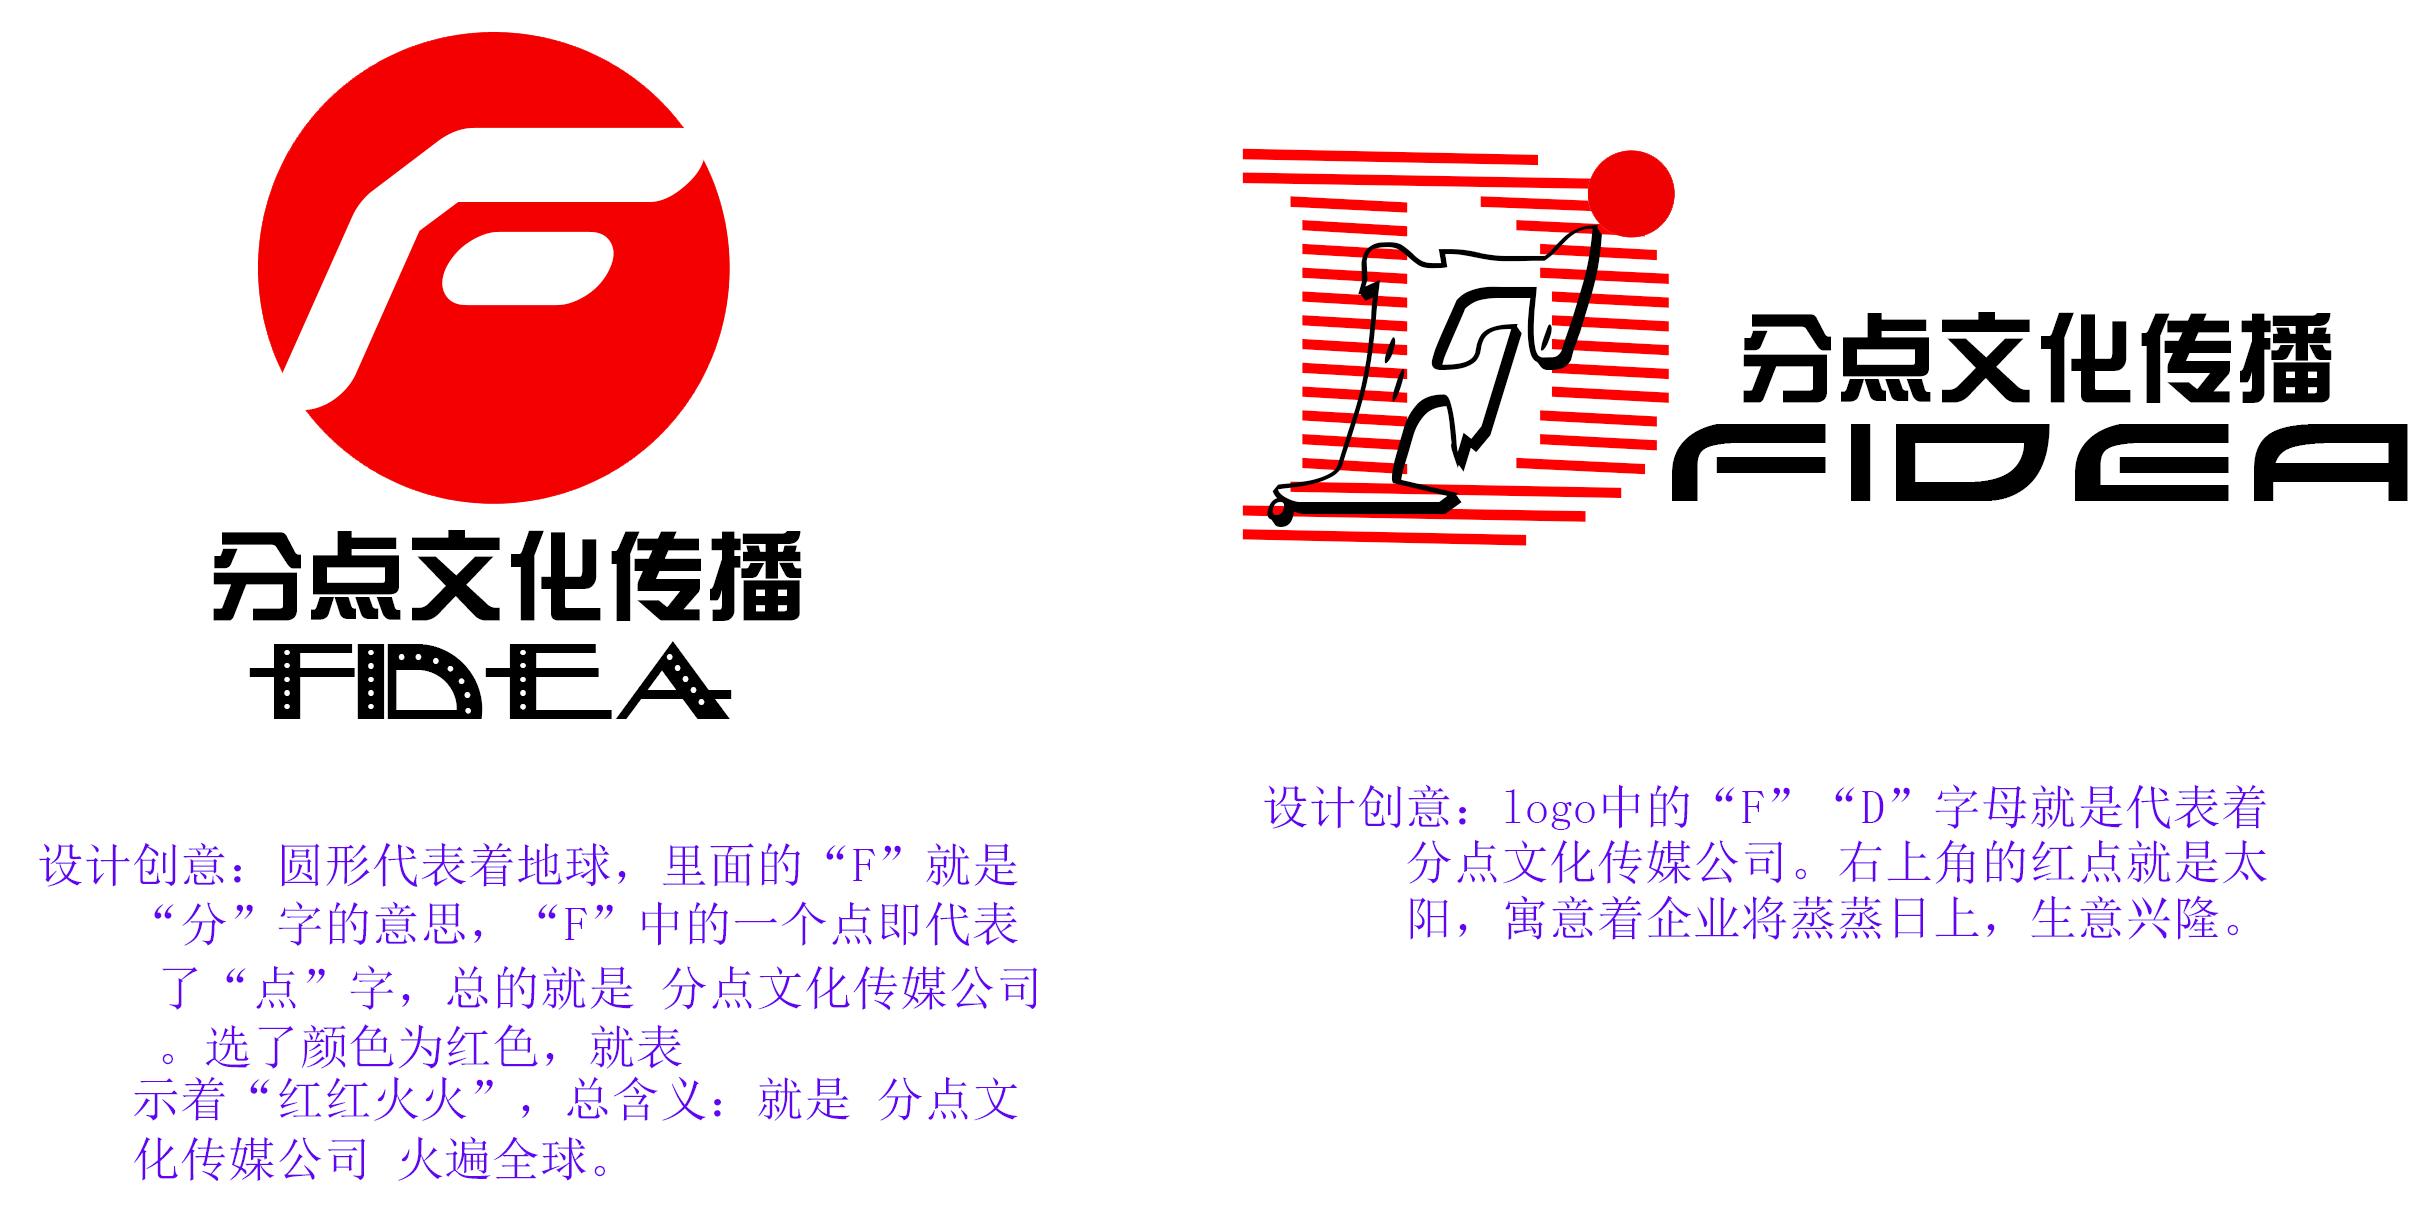 文化传播公司征集logo设计